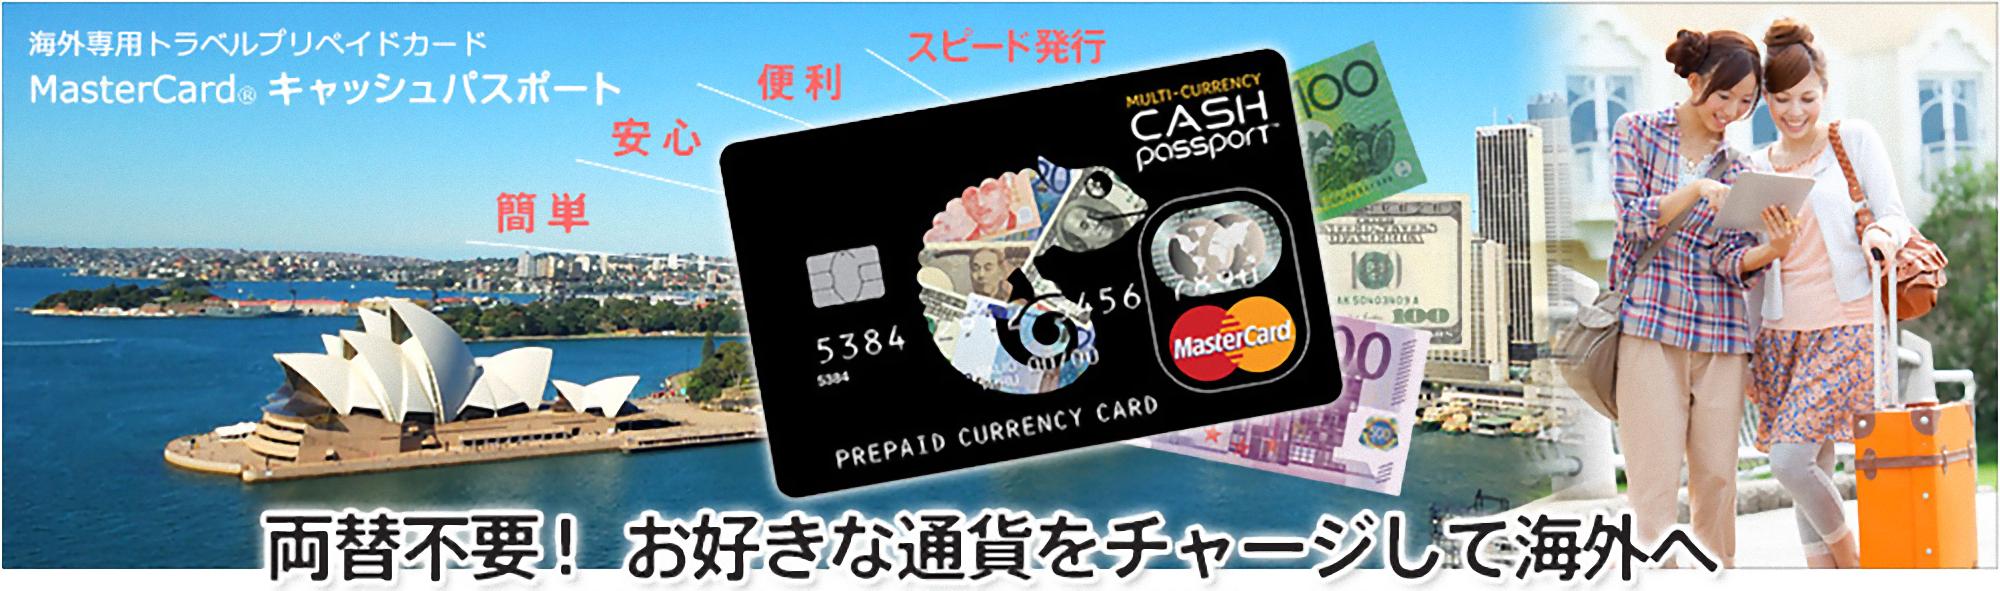 海外でもTポイントが貯まる【Tポイント付きキャッシュパスポート】が激熱!!世界210以上の国や地域のMasterCard対応ATMで現地通貨の引出しが出来るのは便利!!